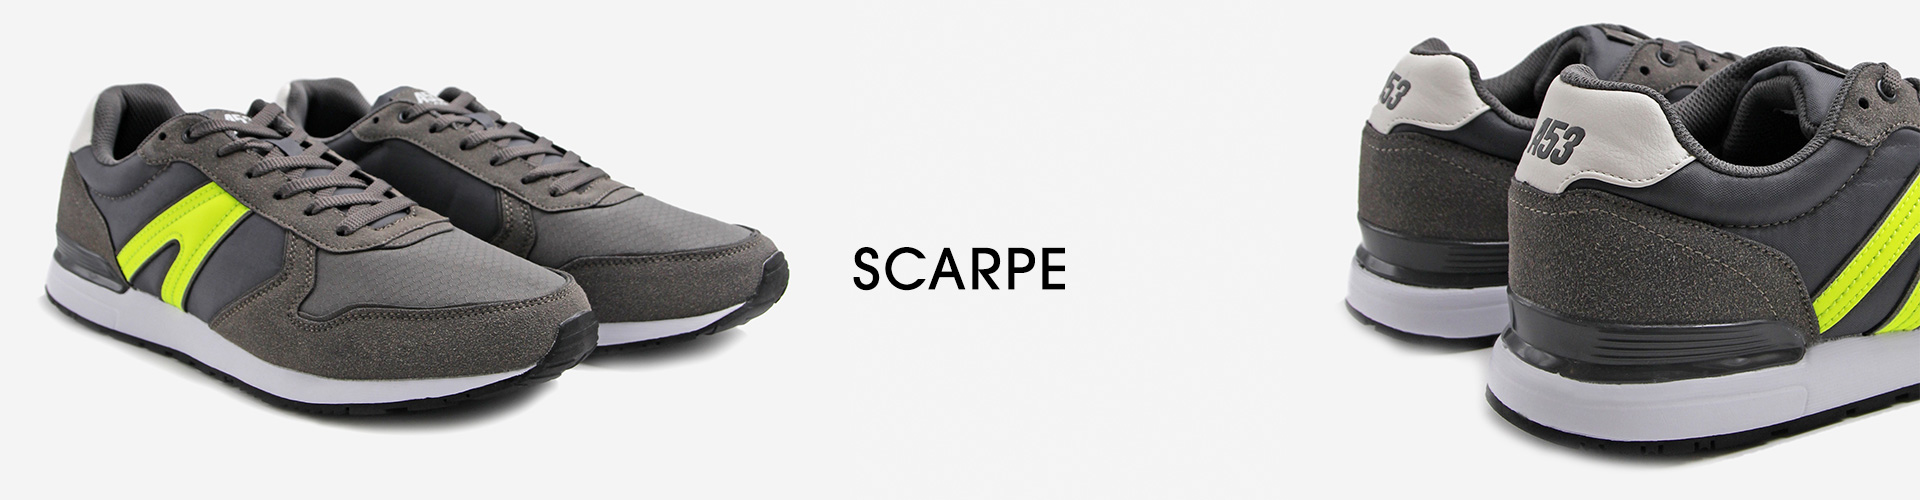 hot sale online 30abb 5e2f3 Scarpe Uomo: scarpe basse e sneakers | Alcott